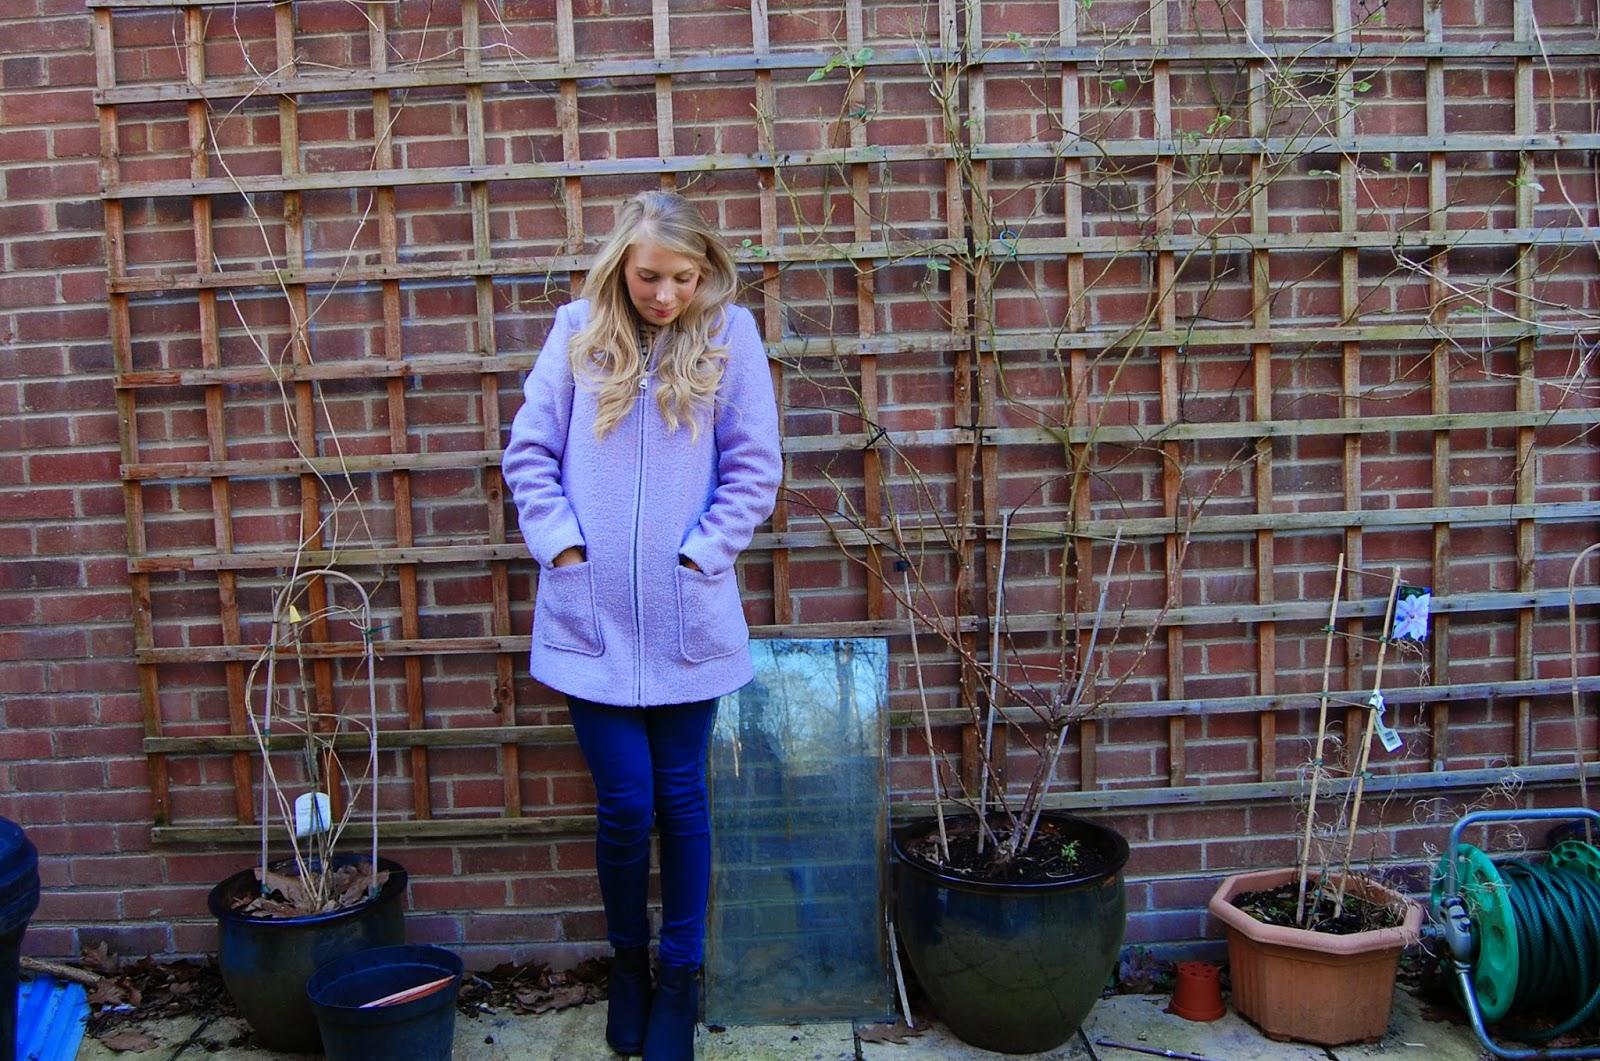 New Look Lilac pastel coat